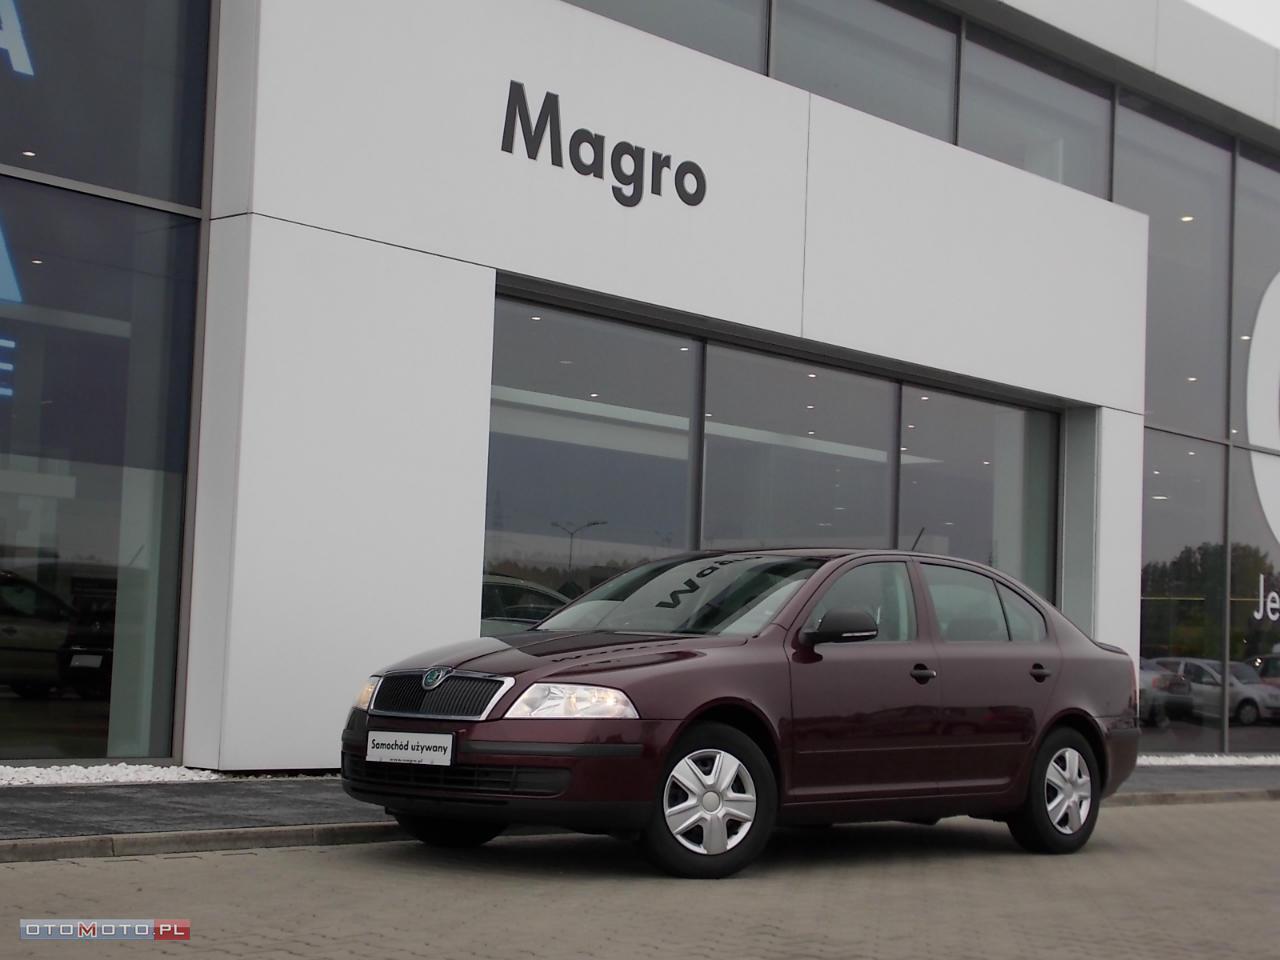 Škoda Octavia 1,6i+LPG Krajowy I Właściciel